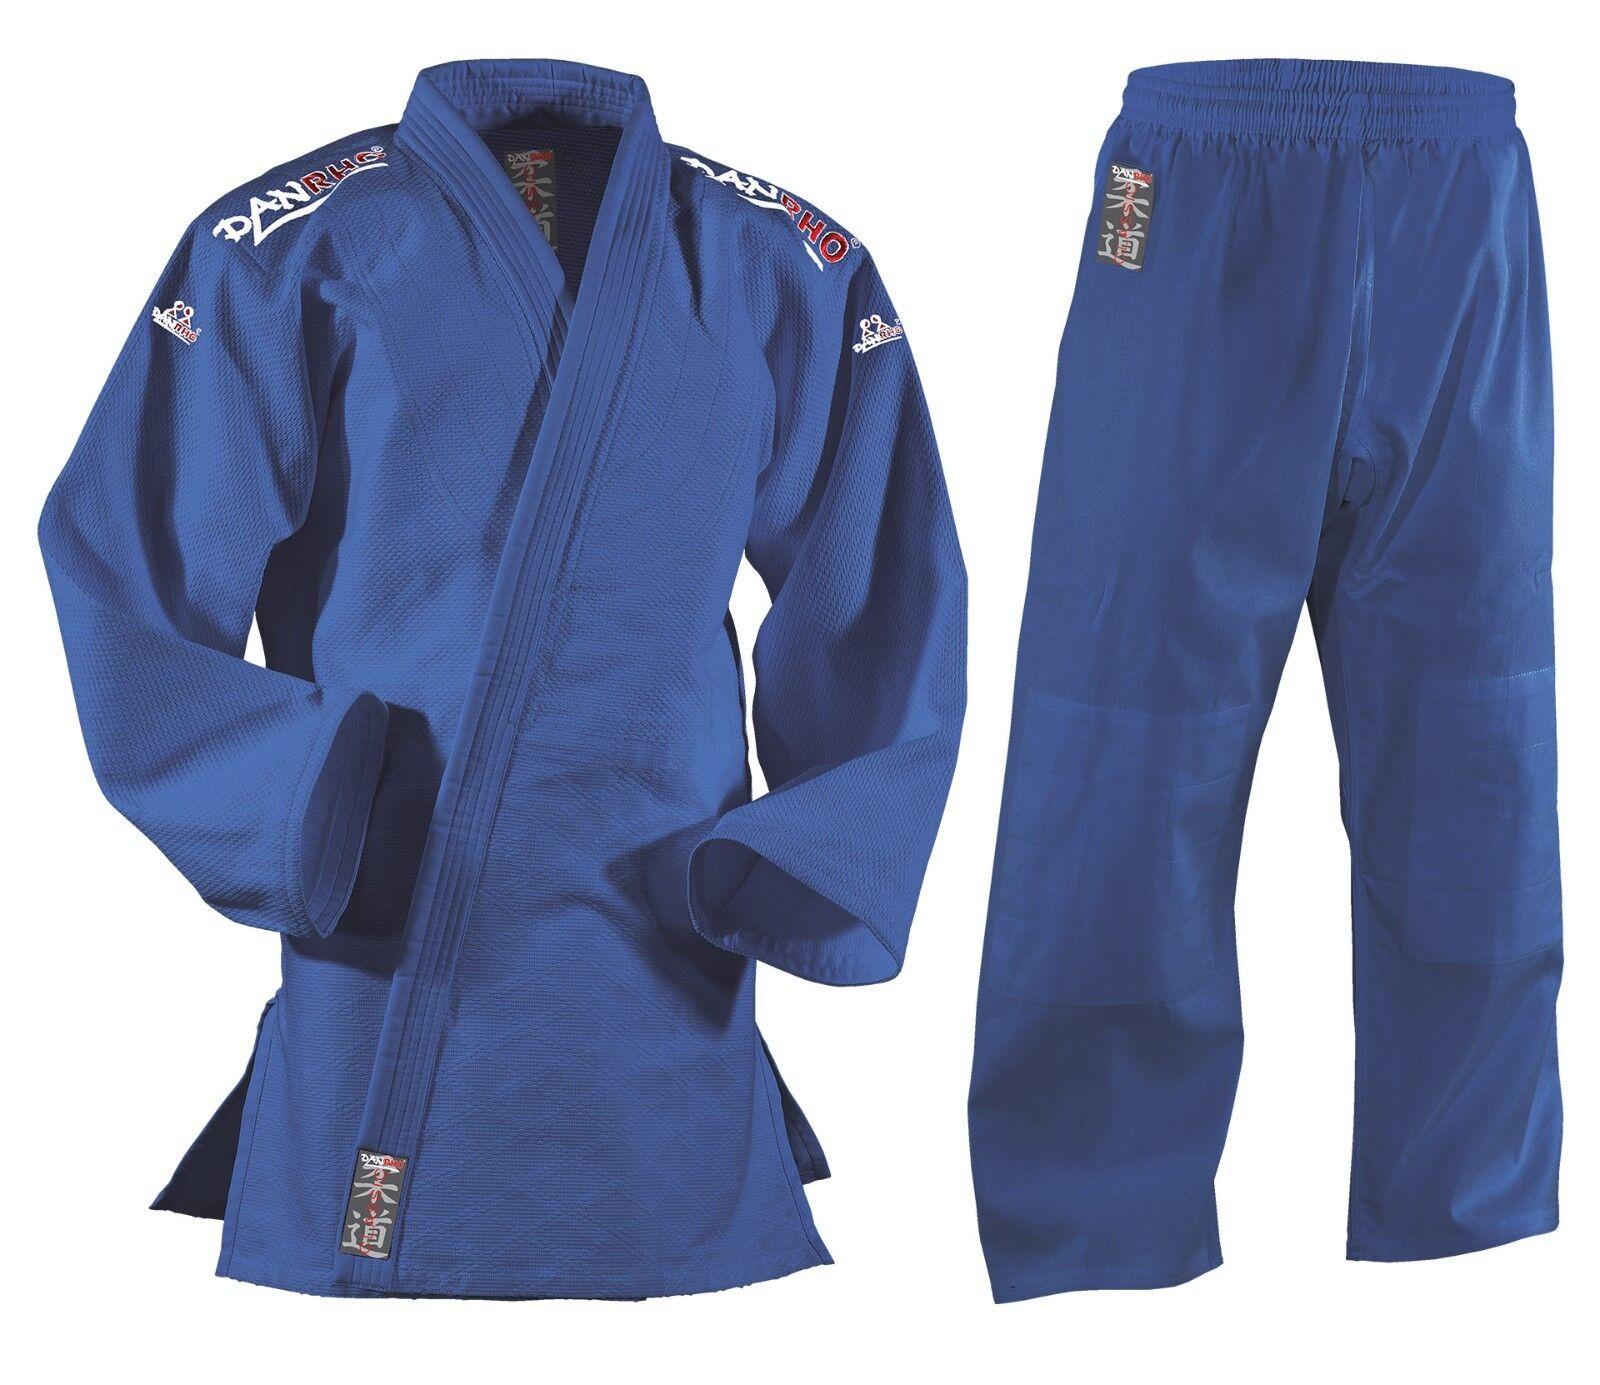 DANRHO Judoanzug Classic blau in versch. Größen, Ju Ju Ju Justu, Judo,  | Das hochwertigste Material  | Vielfalt  | Spielzeug mit kindlichen Herzen herstellen  0af71e